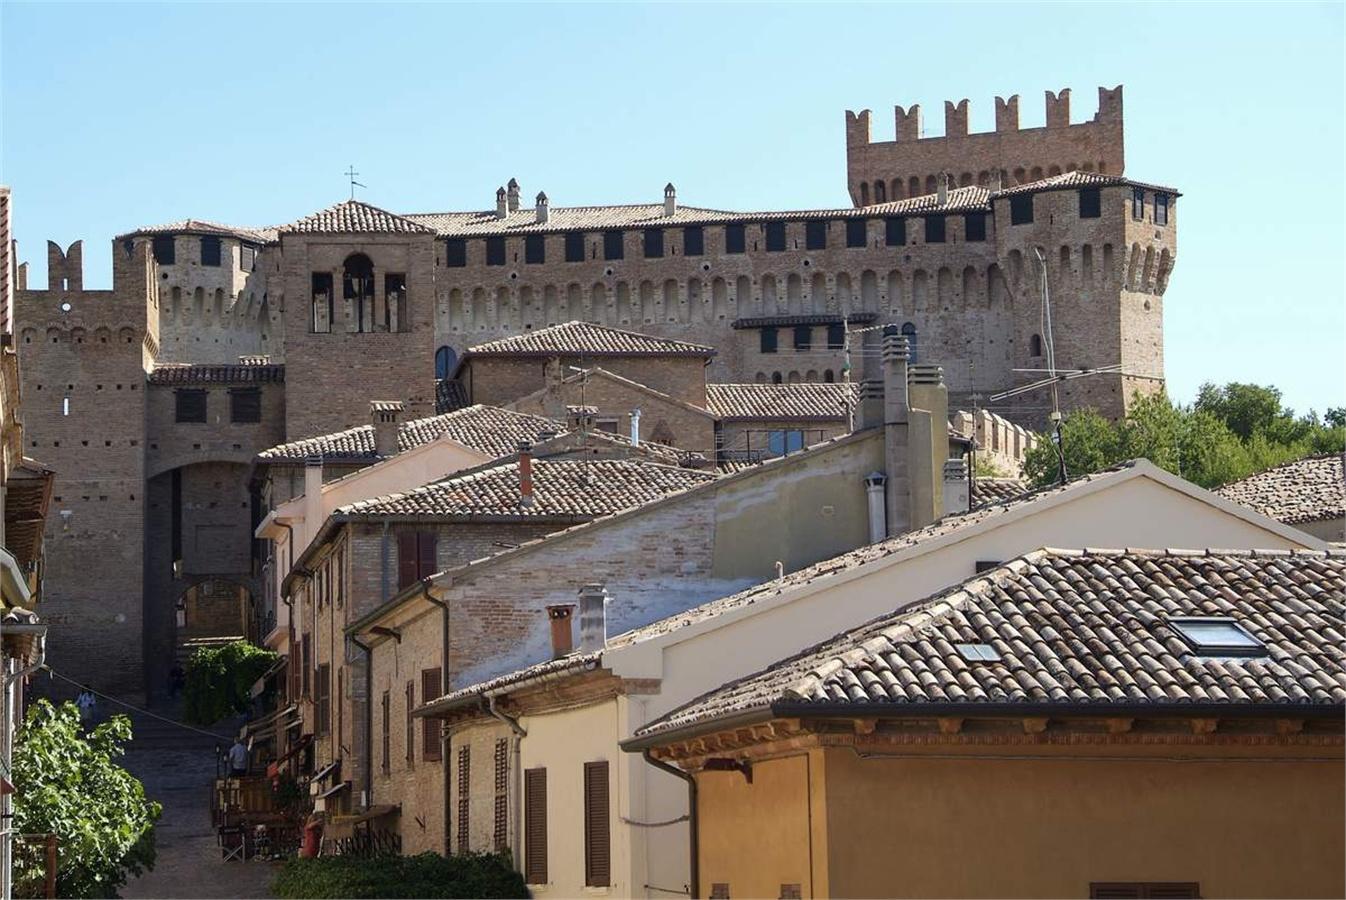 6. Castello di Gradara - Marche